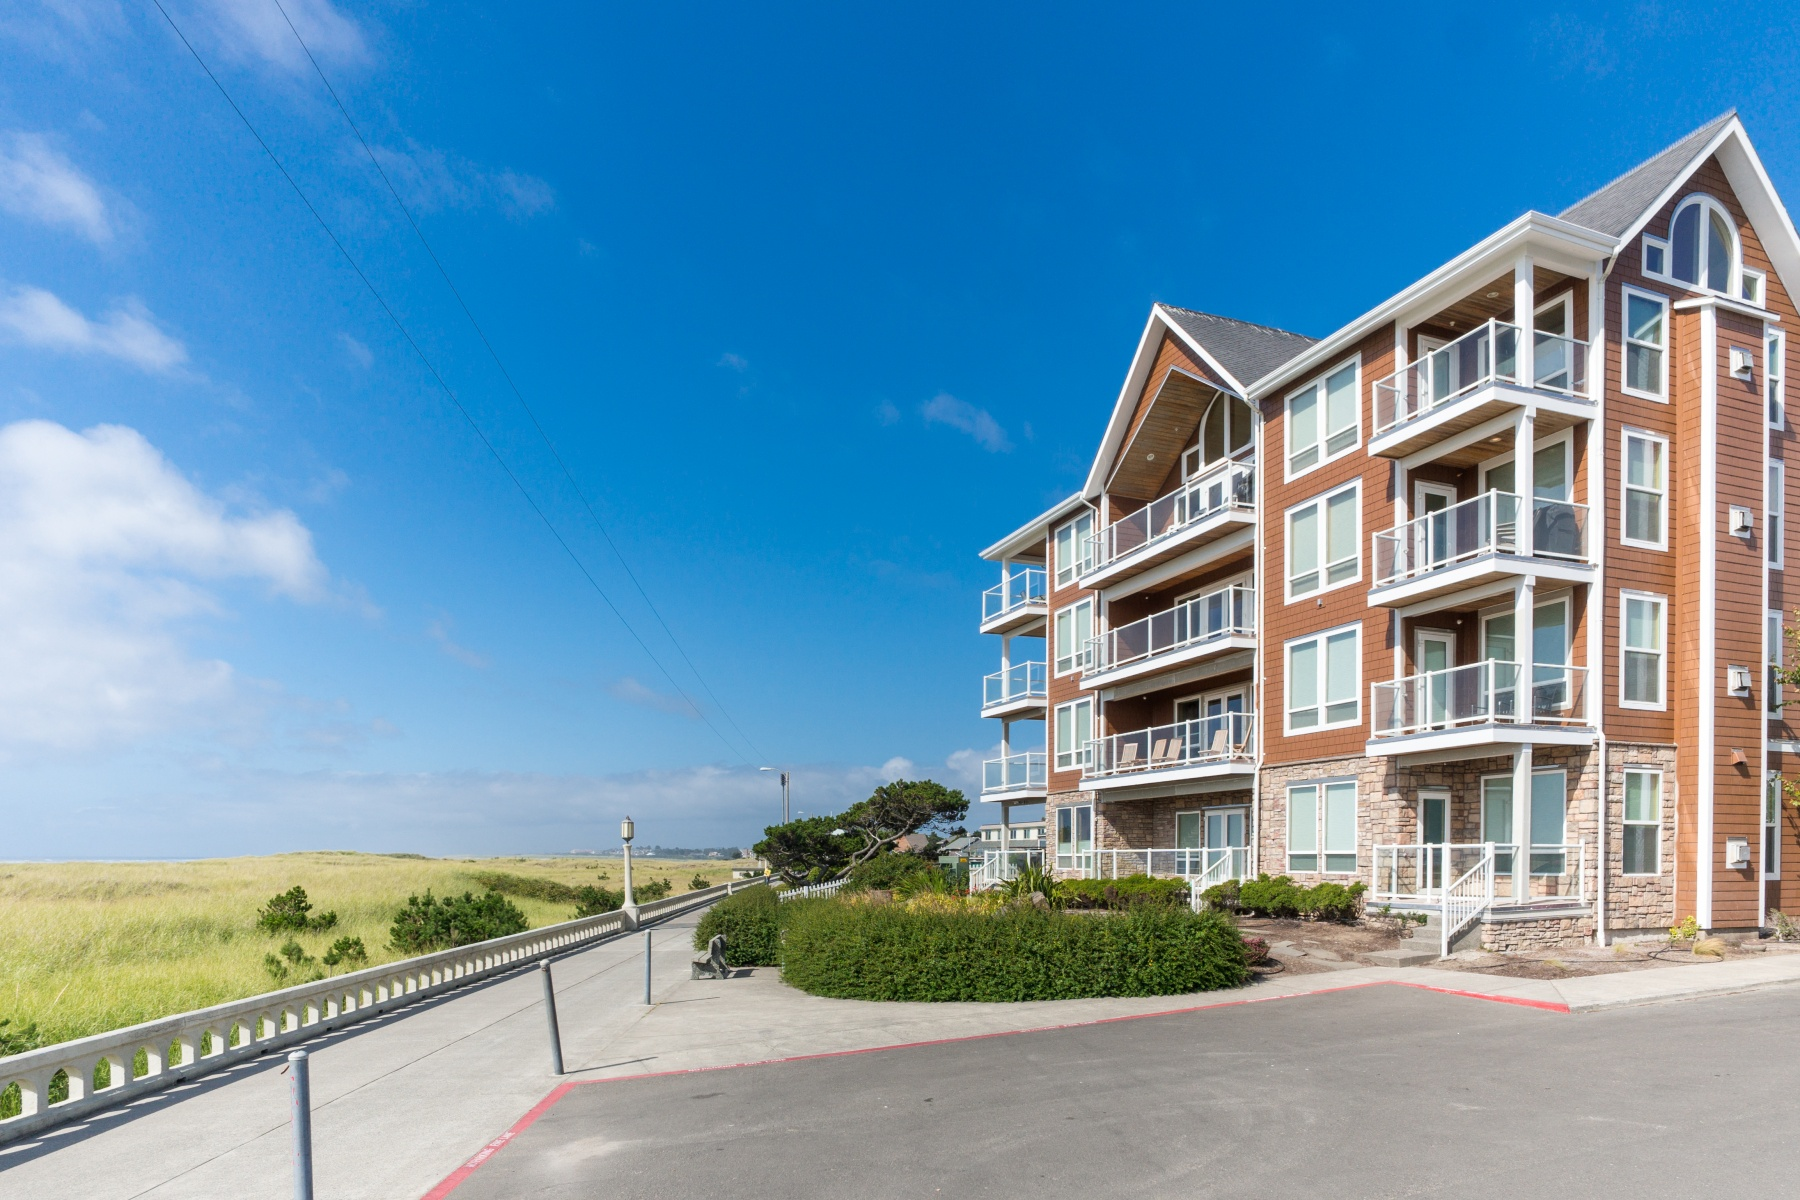 Nhà chung cư vì Bán tại 900 N Prom 202, SEASIDE Seaside, Oregon, 97138 Hoa Kỳ